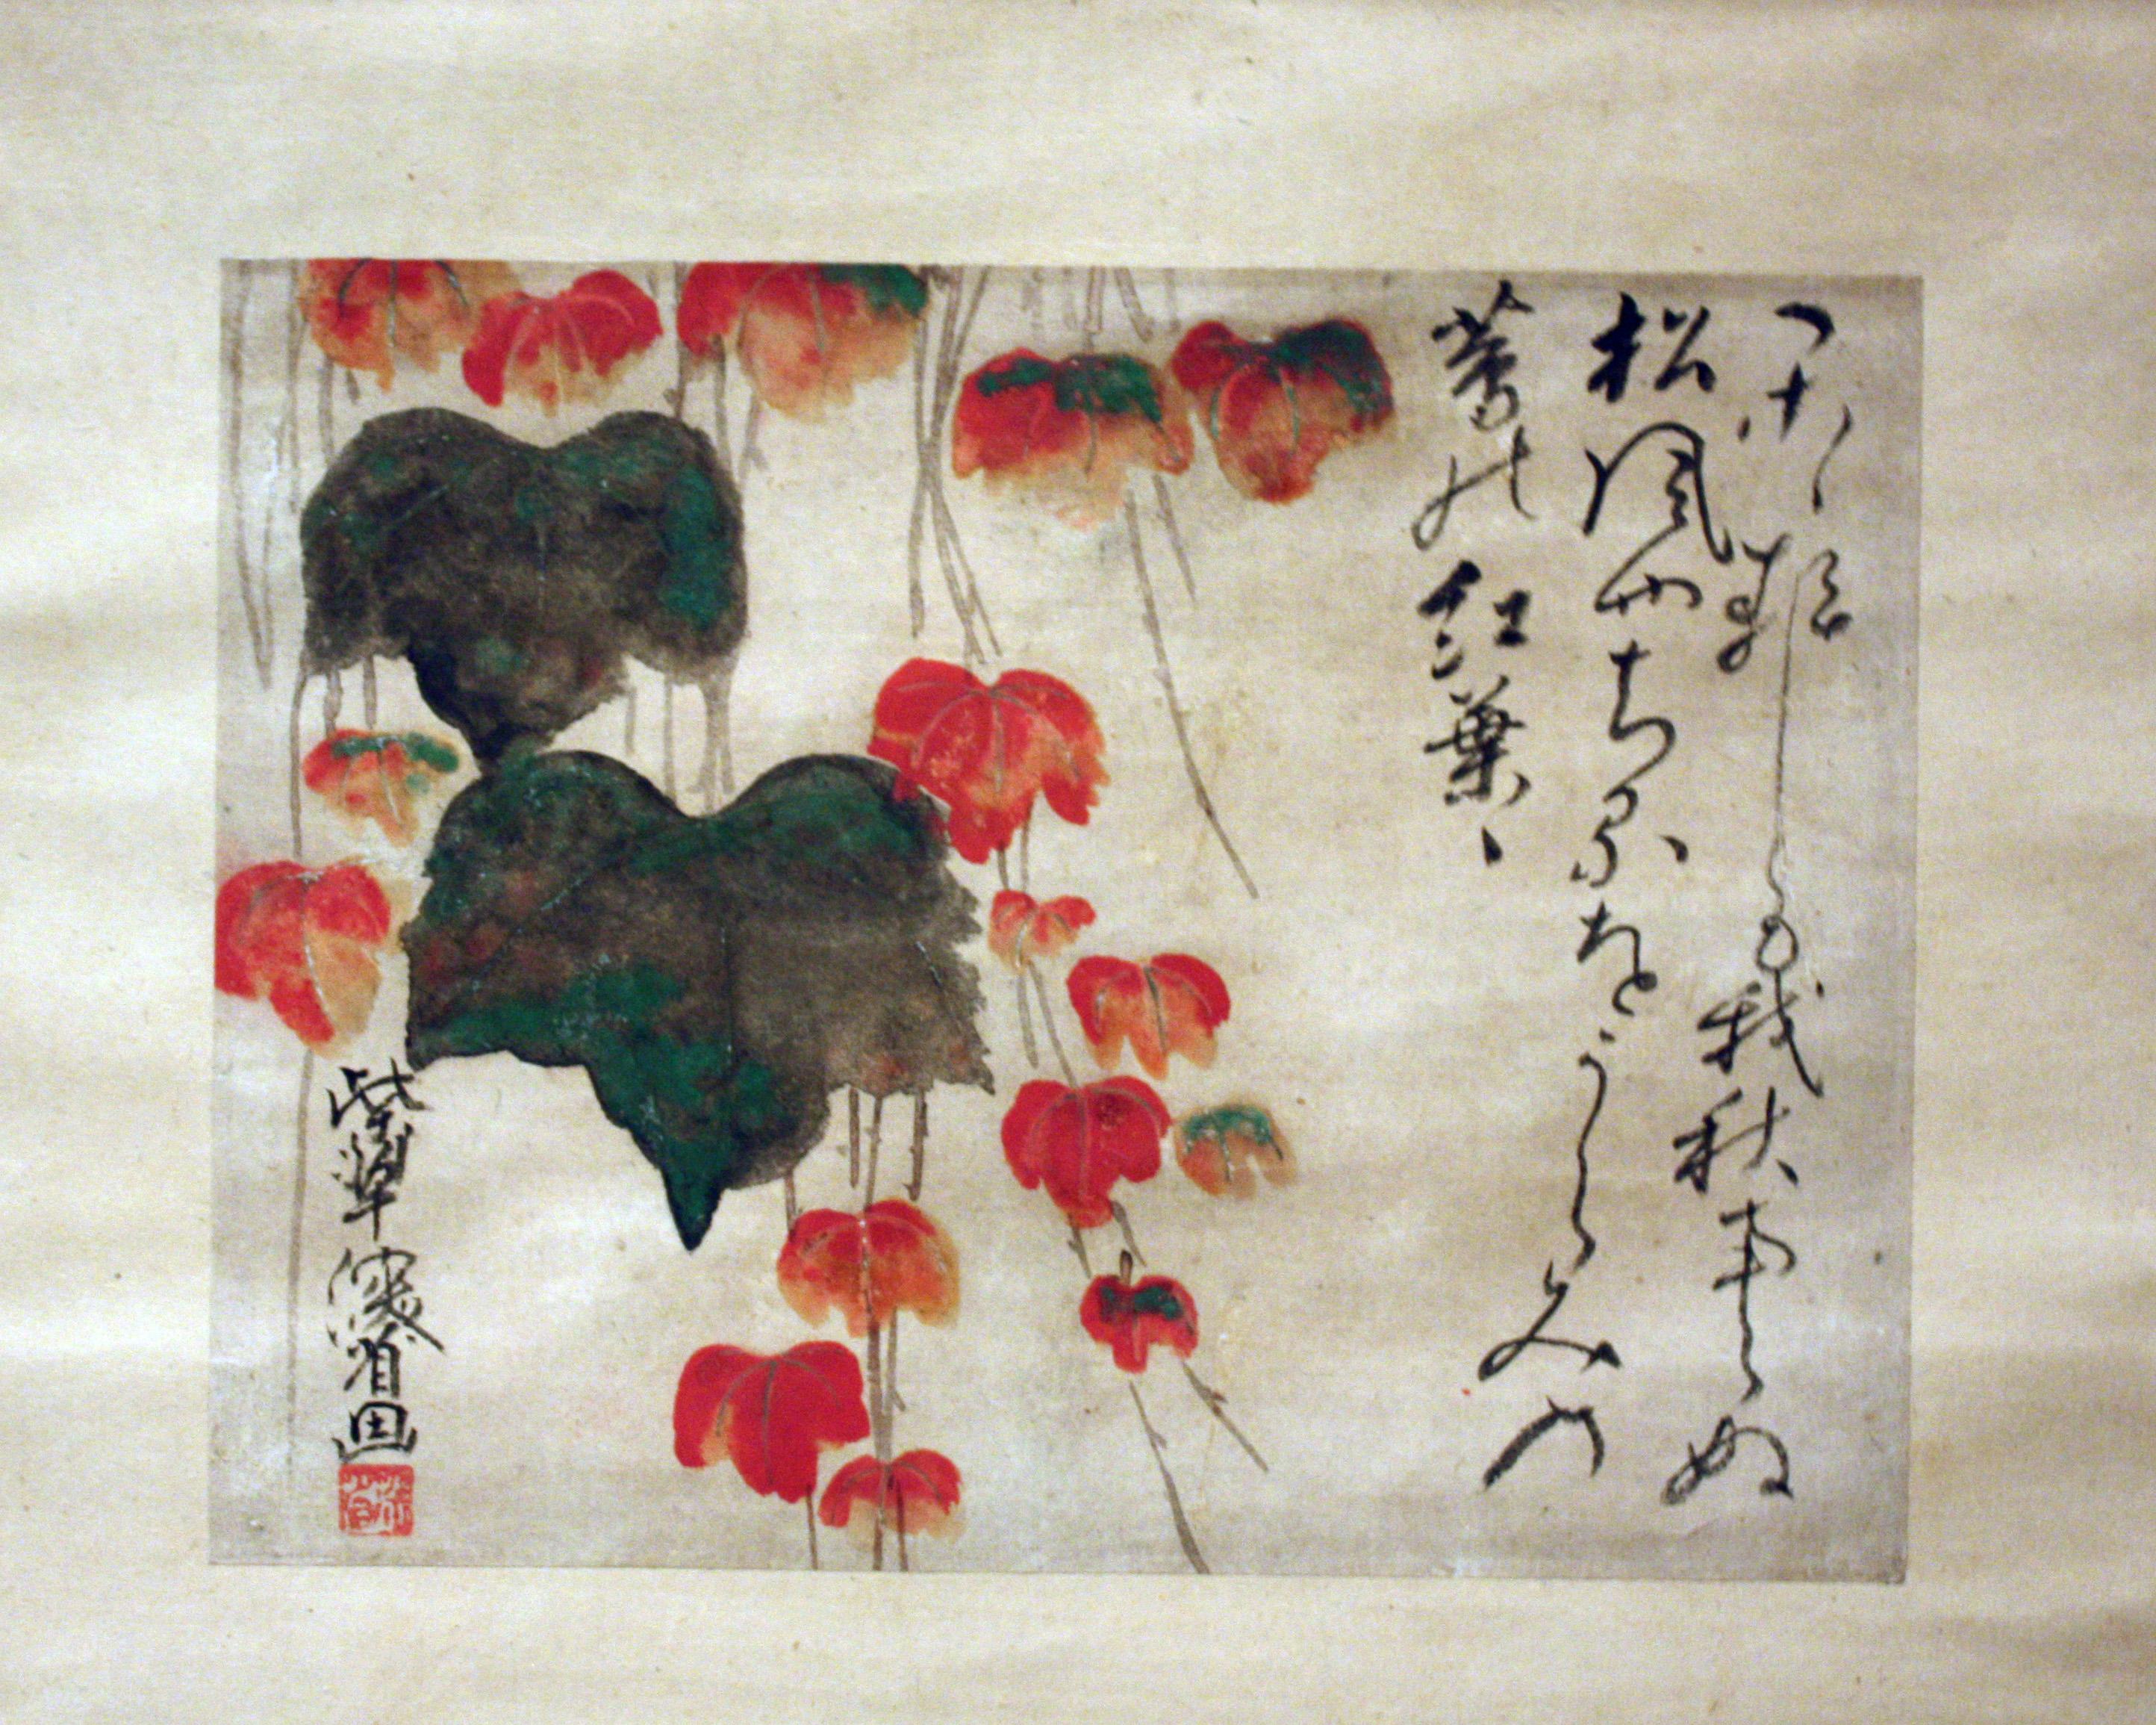 Ogata Korin S Painting Ise Monogatari